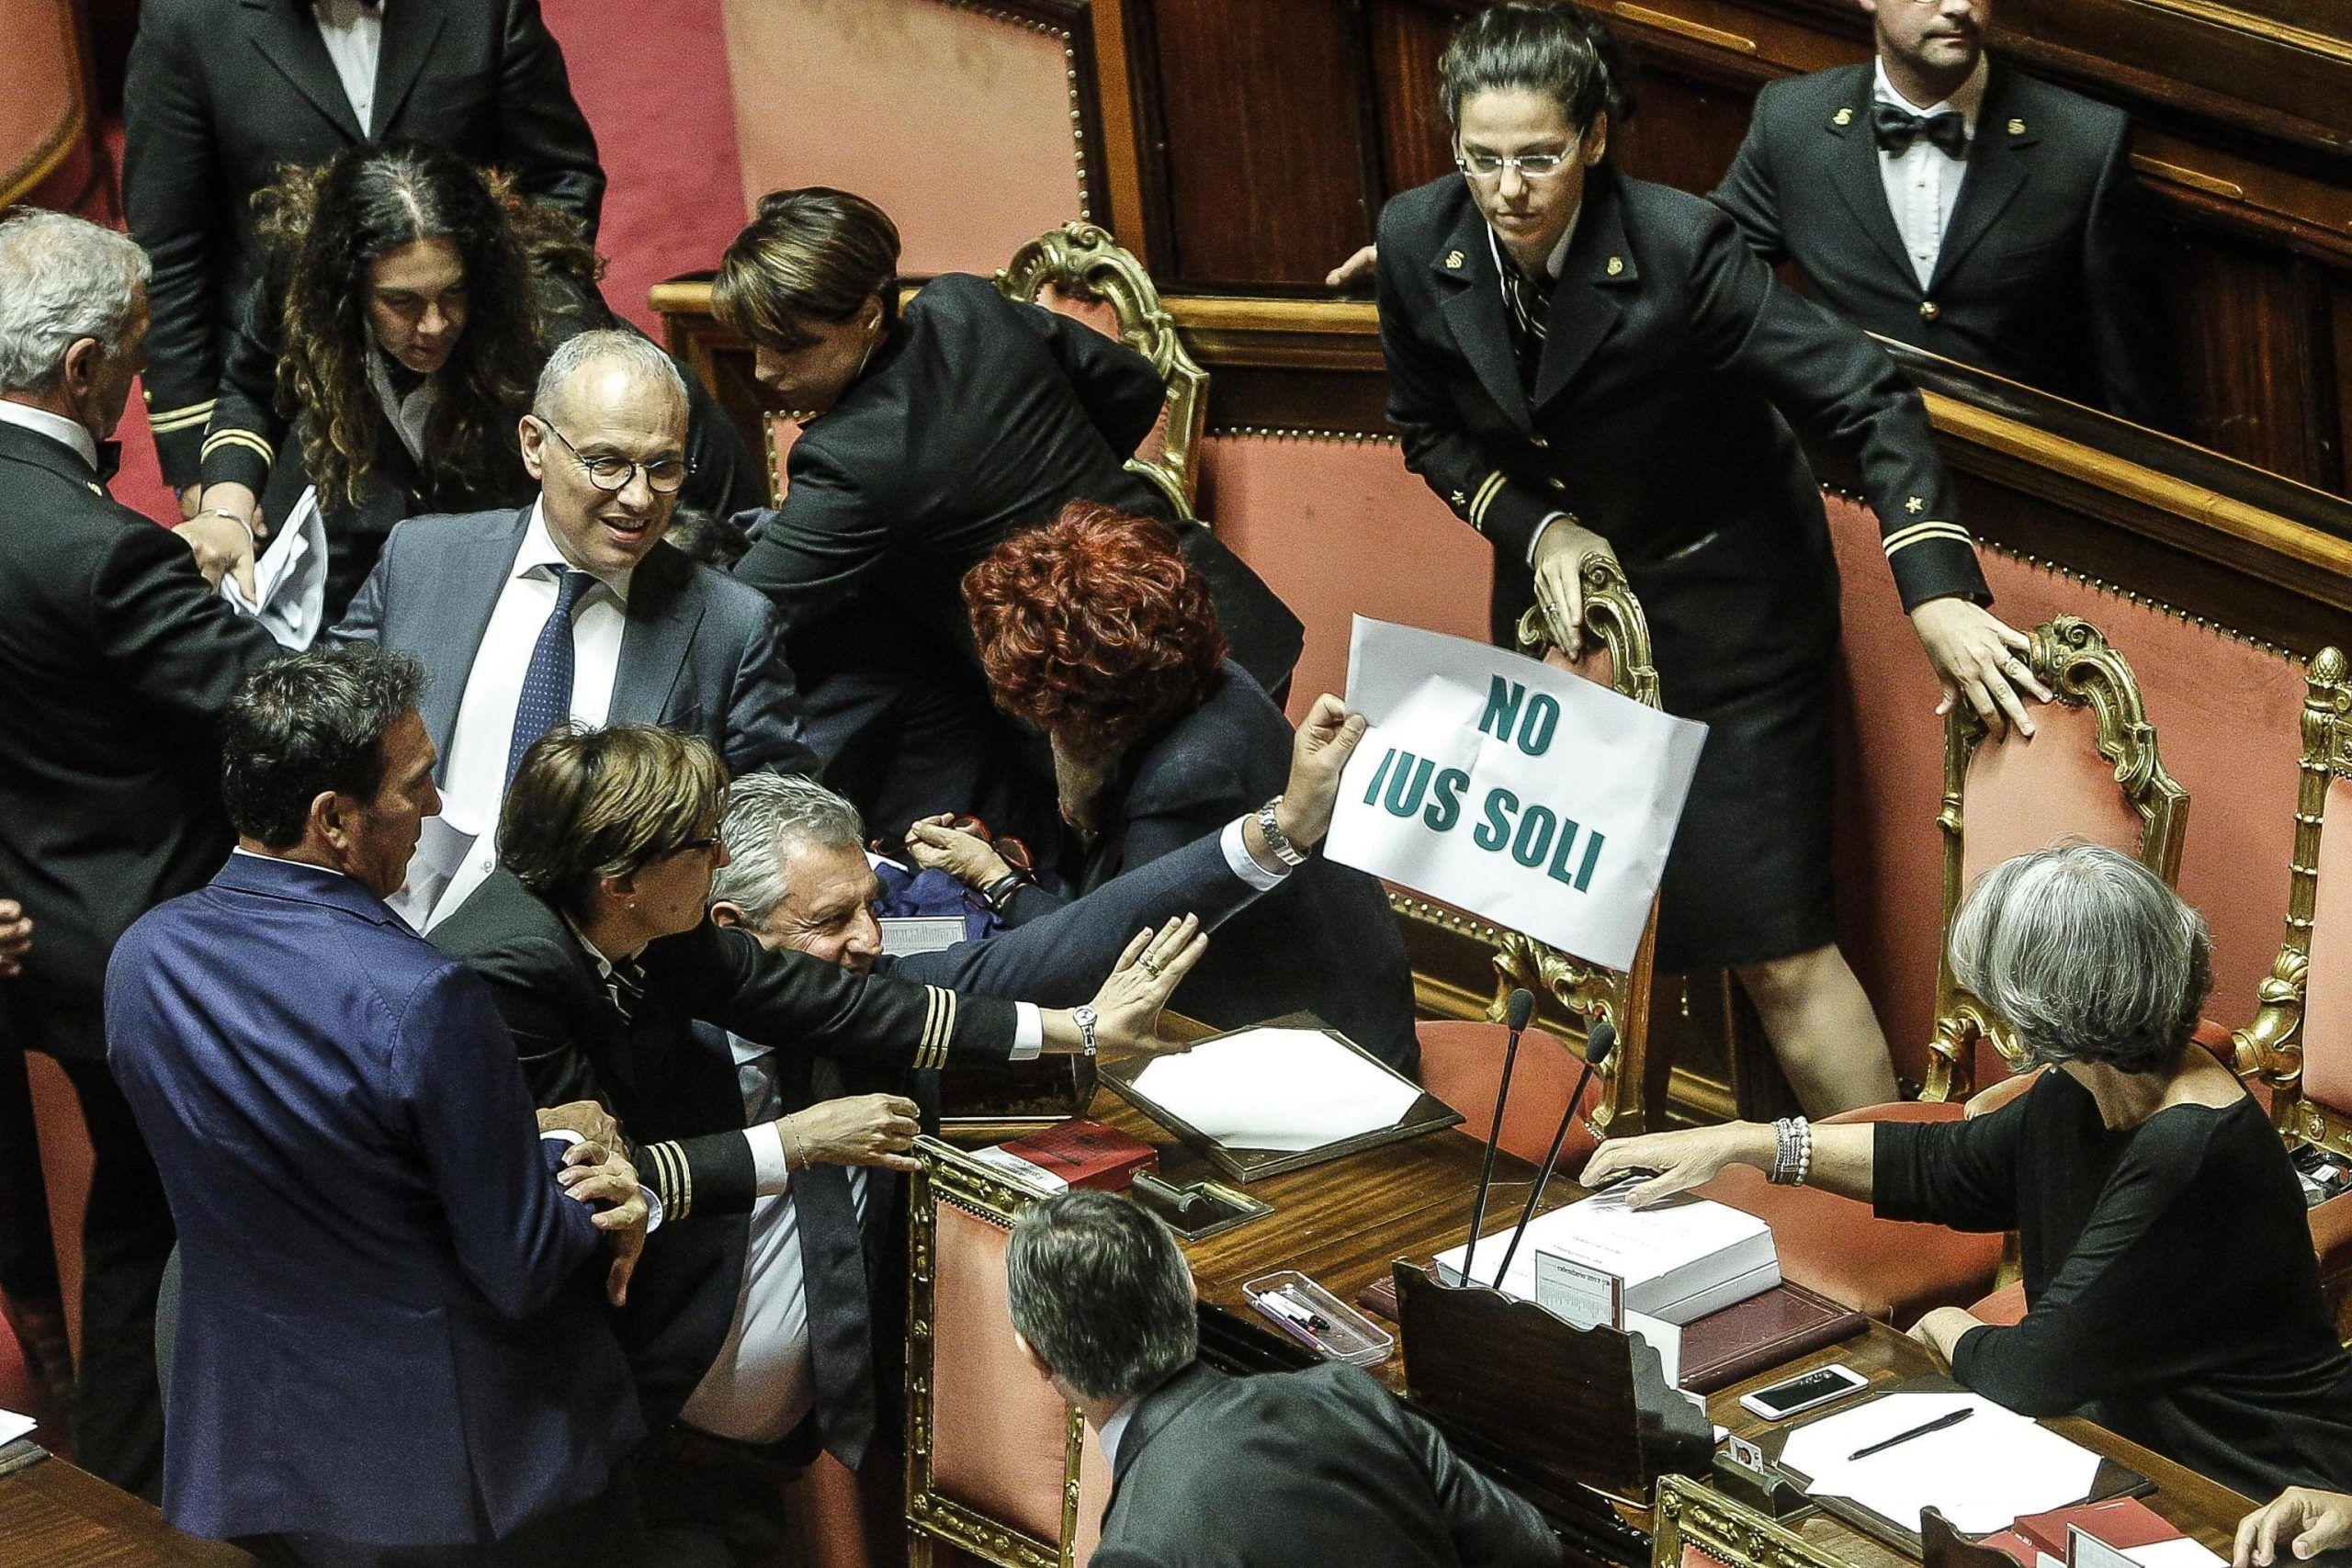 ++ Ius soli: Lega protesta, Grasso espelle Volpi ++